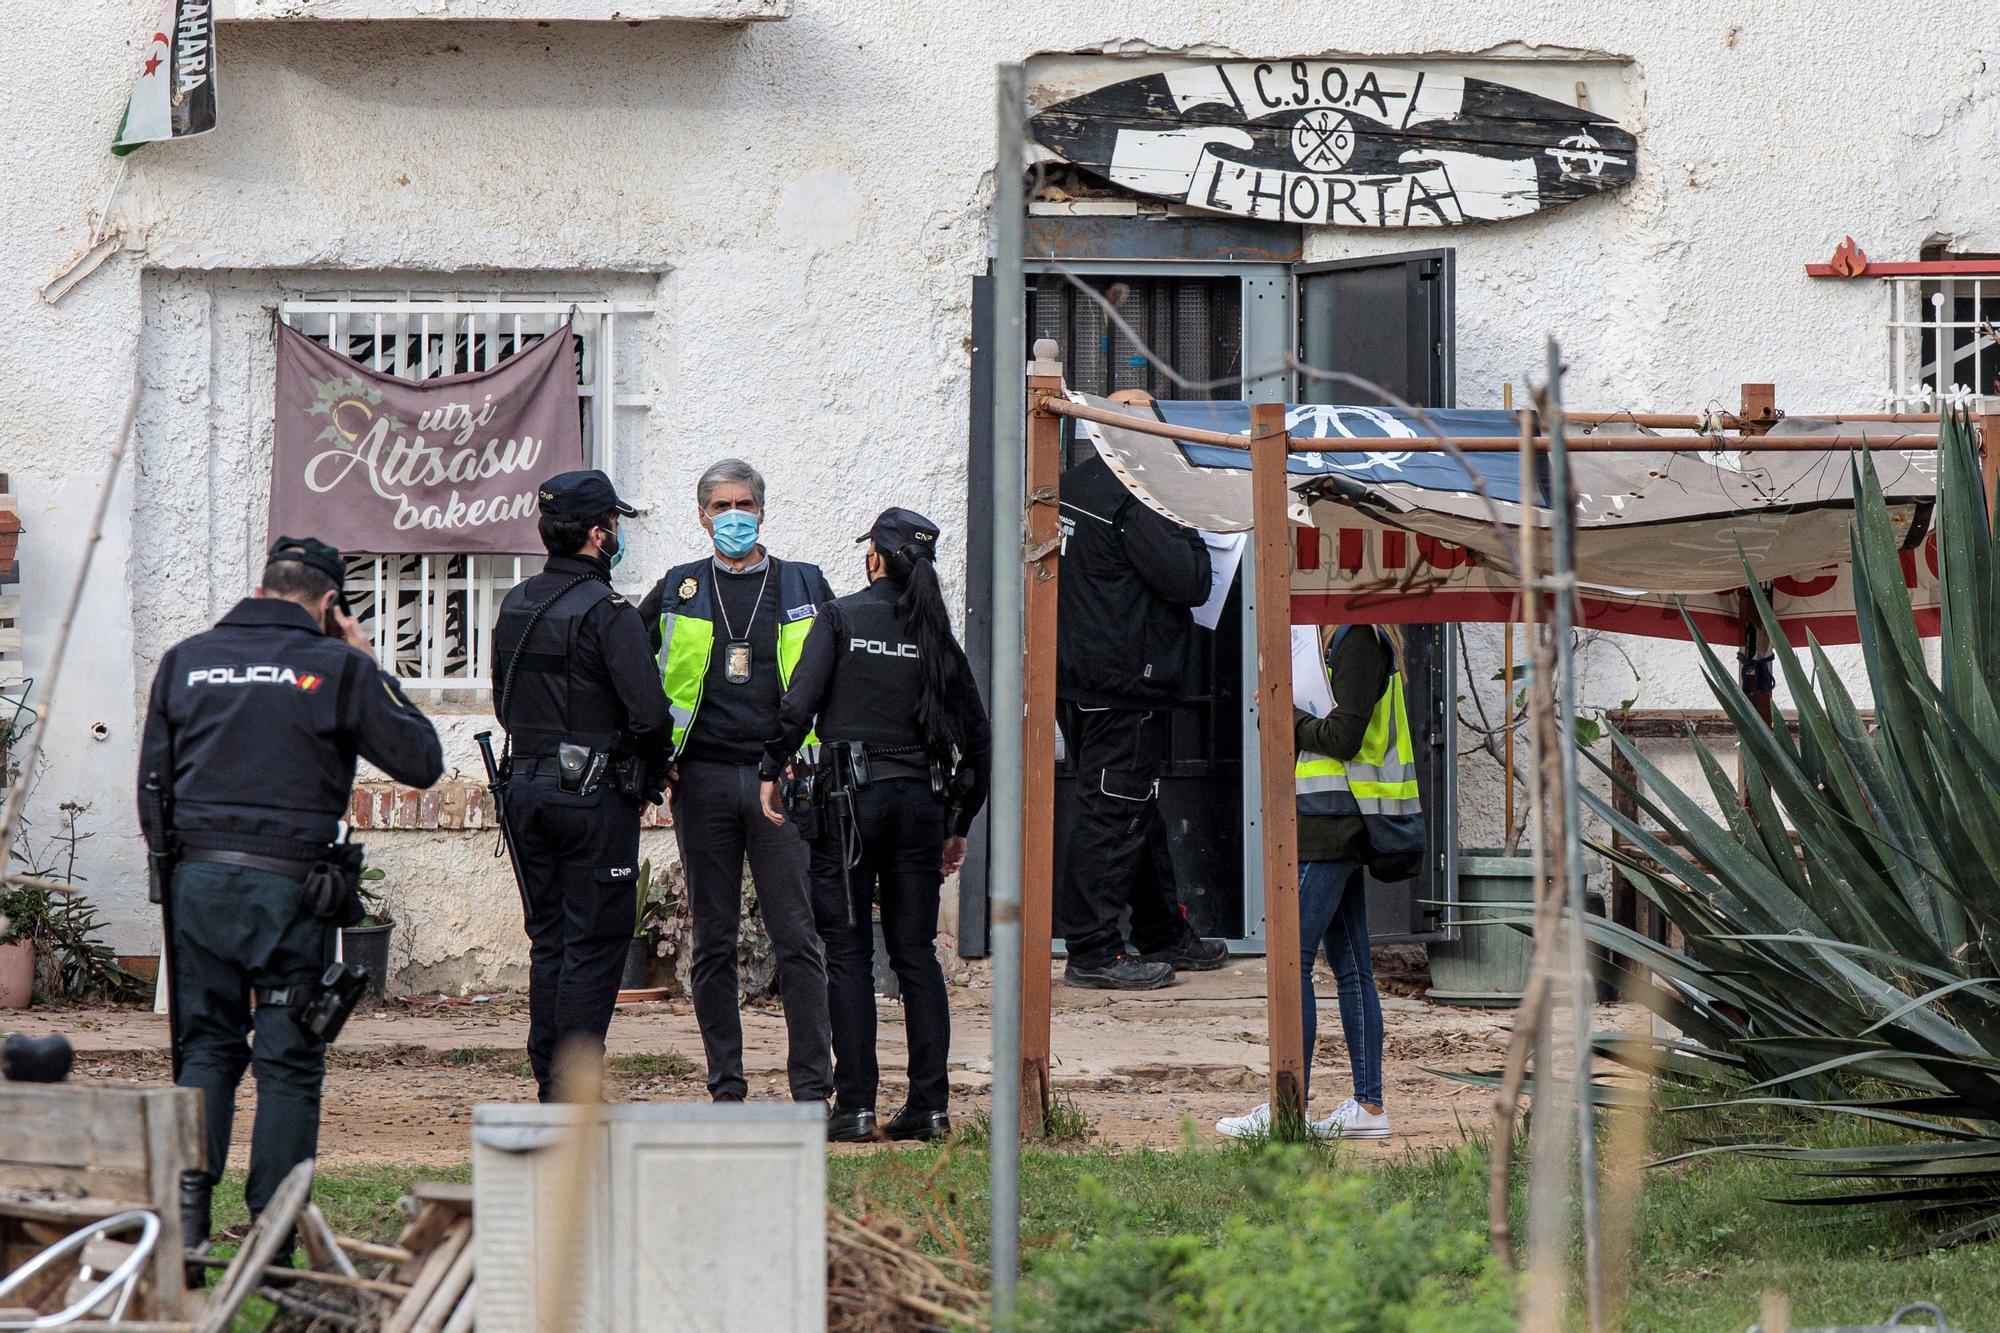 Desalojo en un casal okupa en Benimaclet